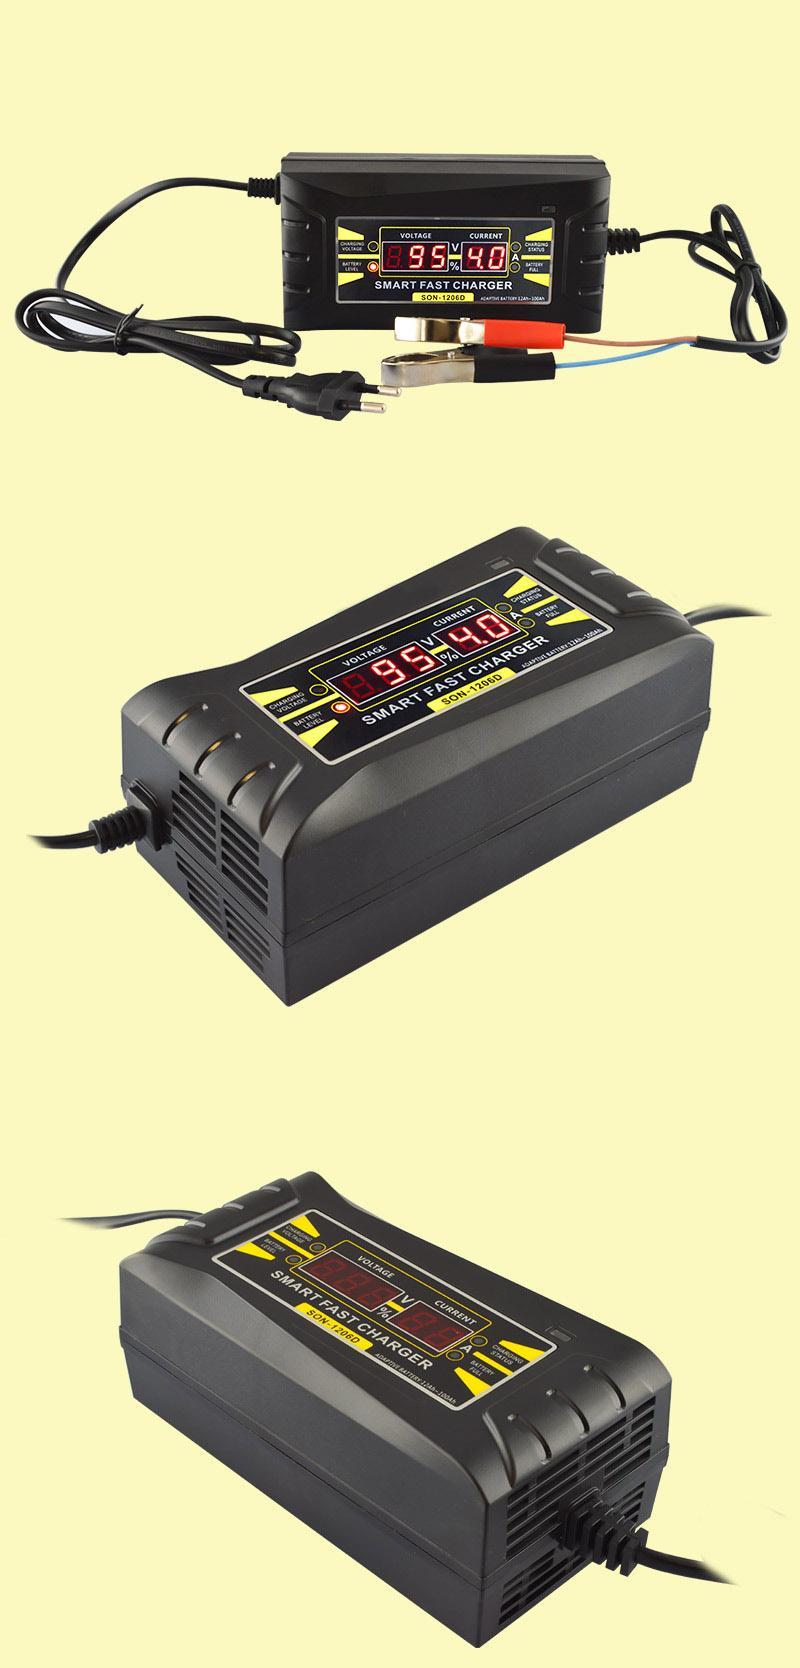 전체 자동 자동차 배터리 충전기 110V는 습식 건식 리드 산 디지털 LCD 디스플레이를 충전 12V 6A 지능형 빠른 전원에 220V하기